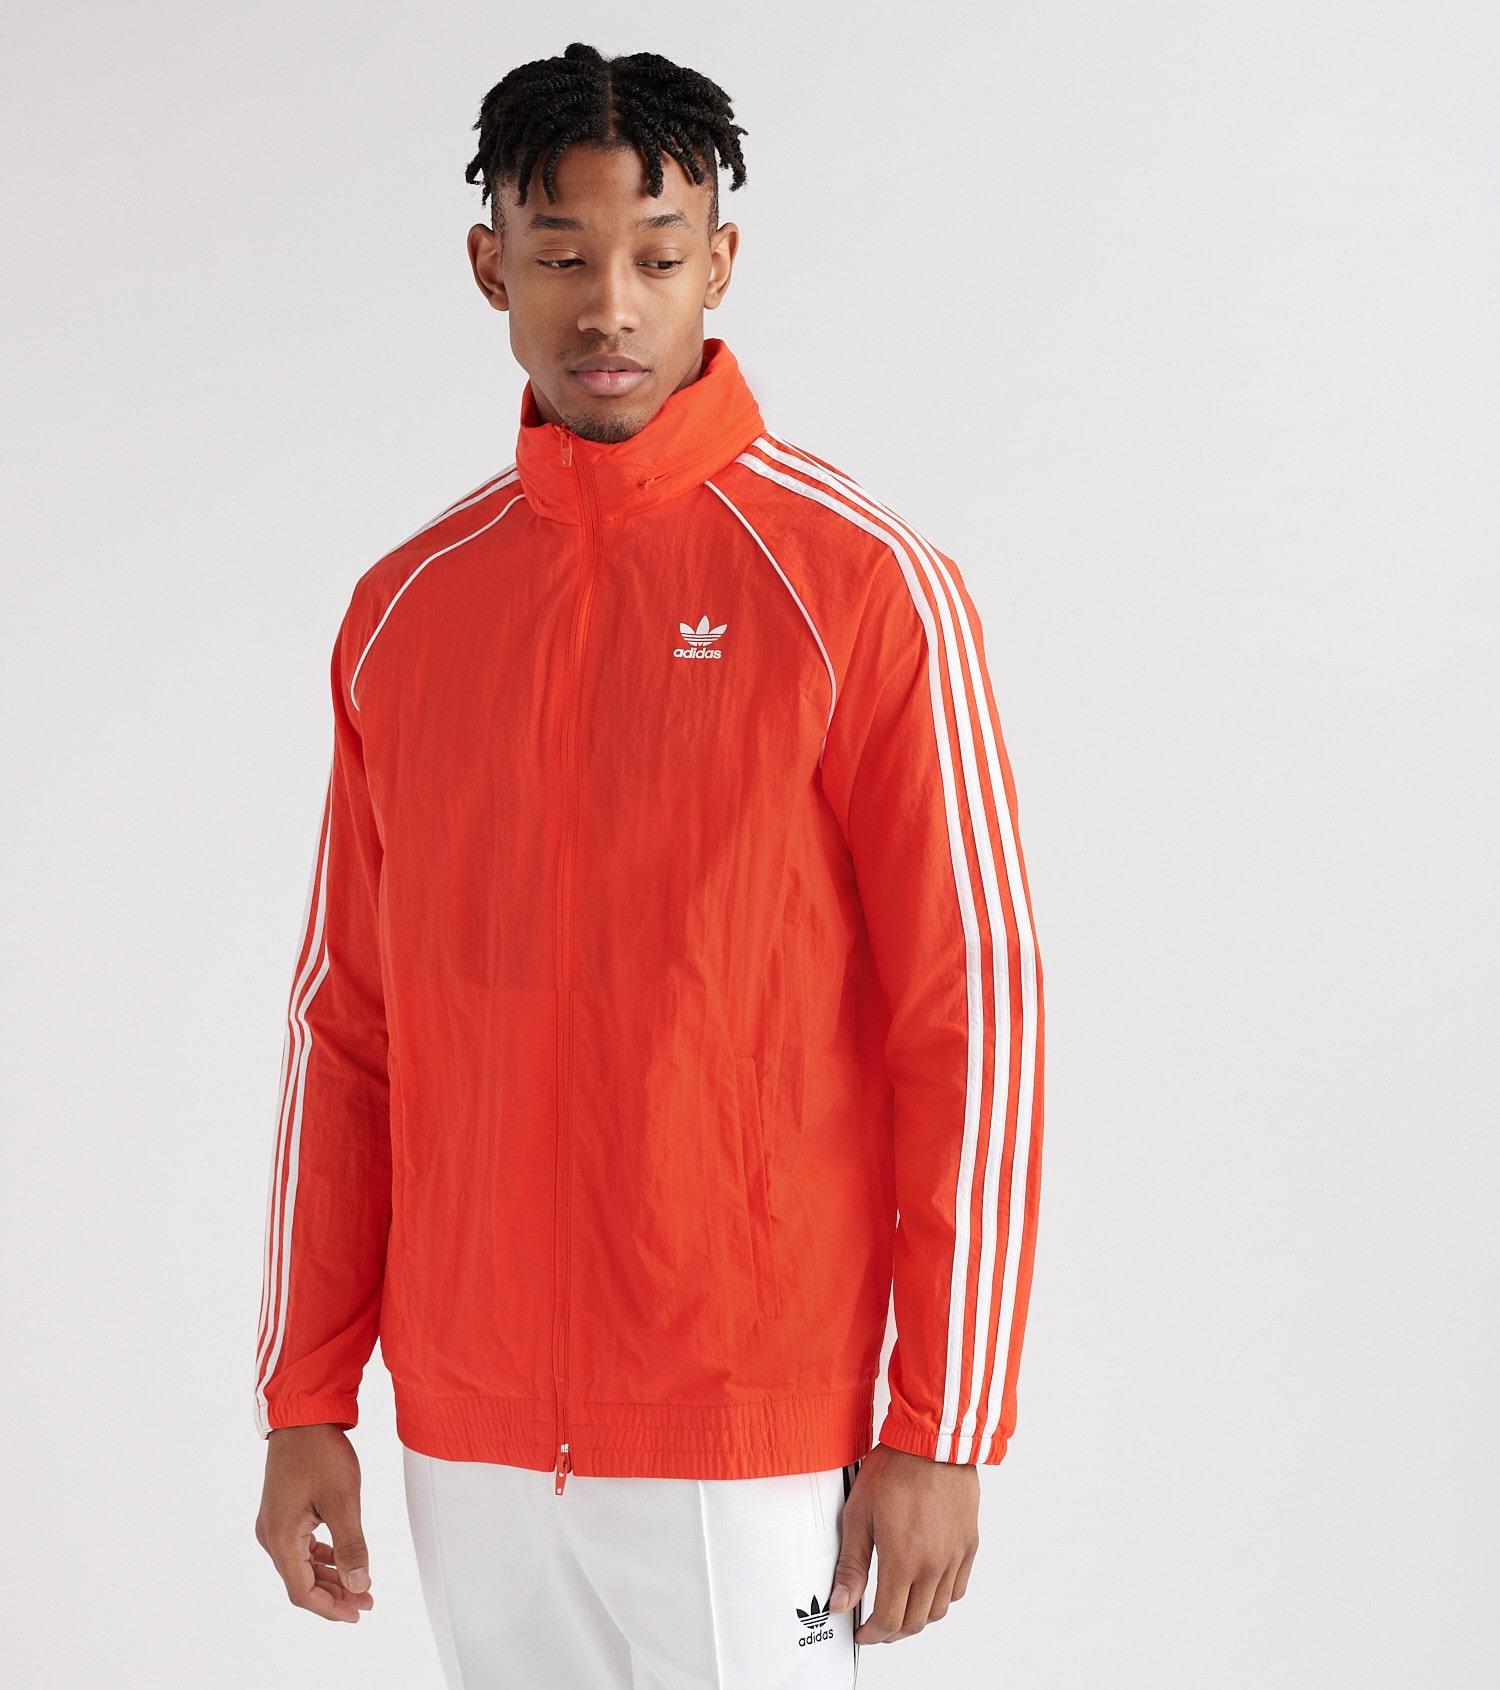 adidas SST Windbreaker red Jackets |